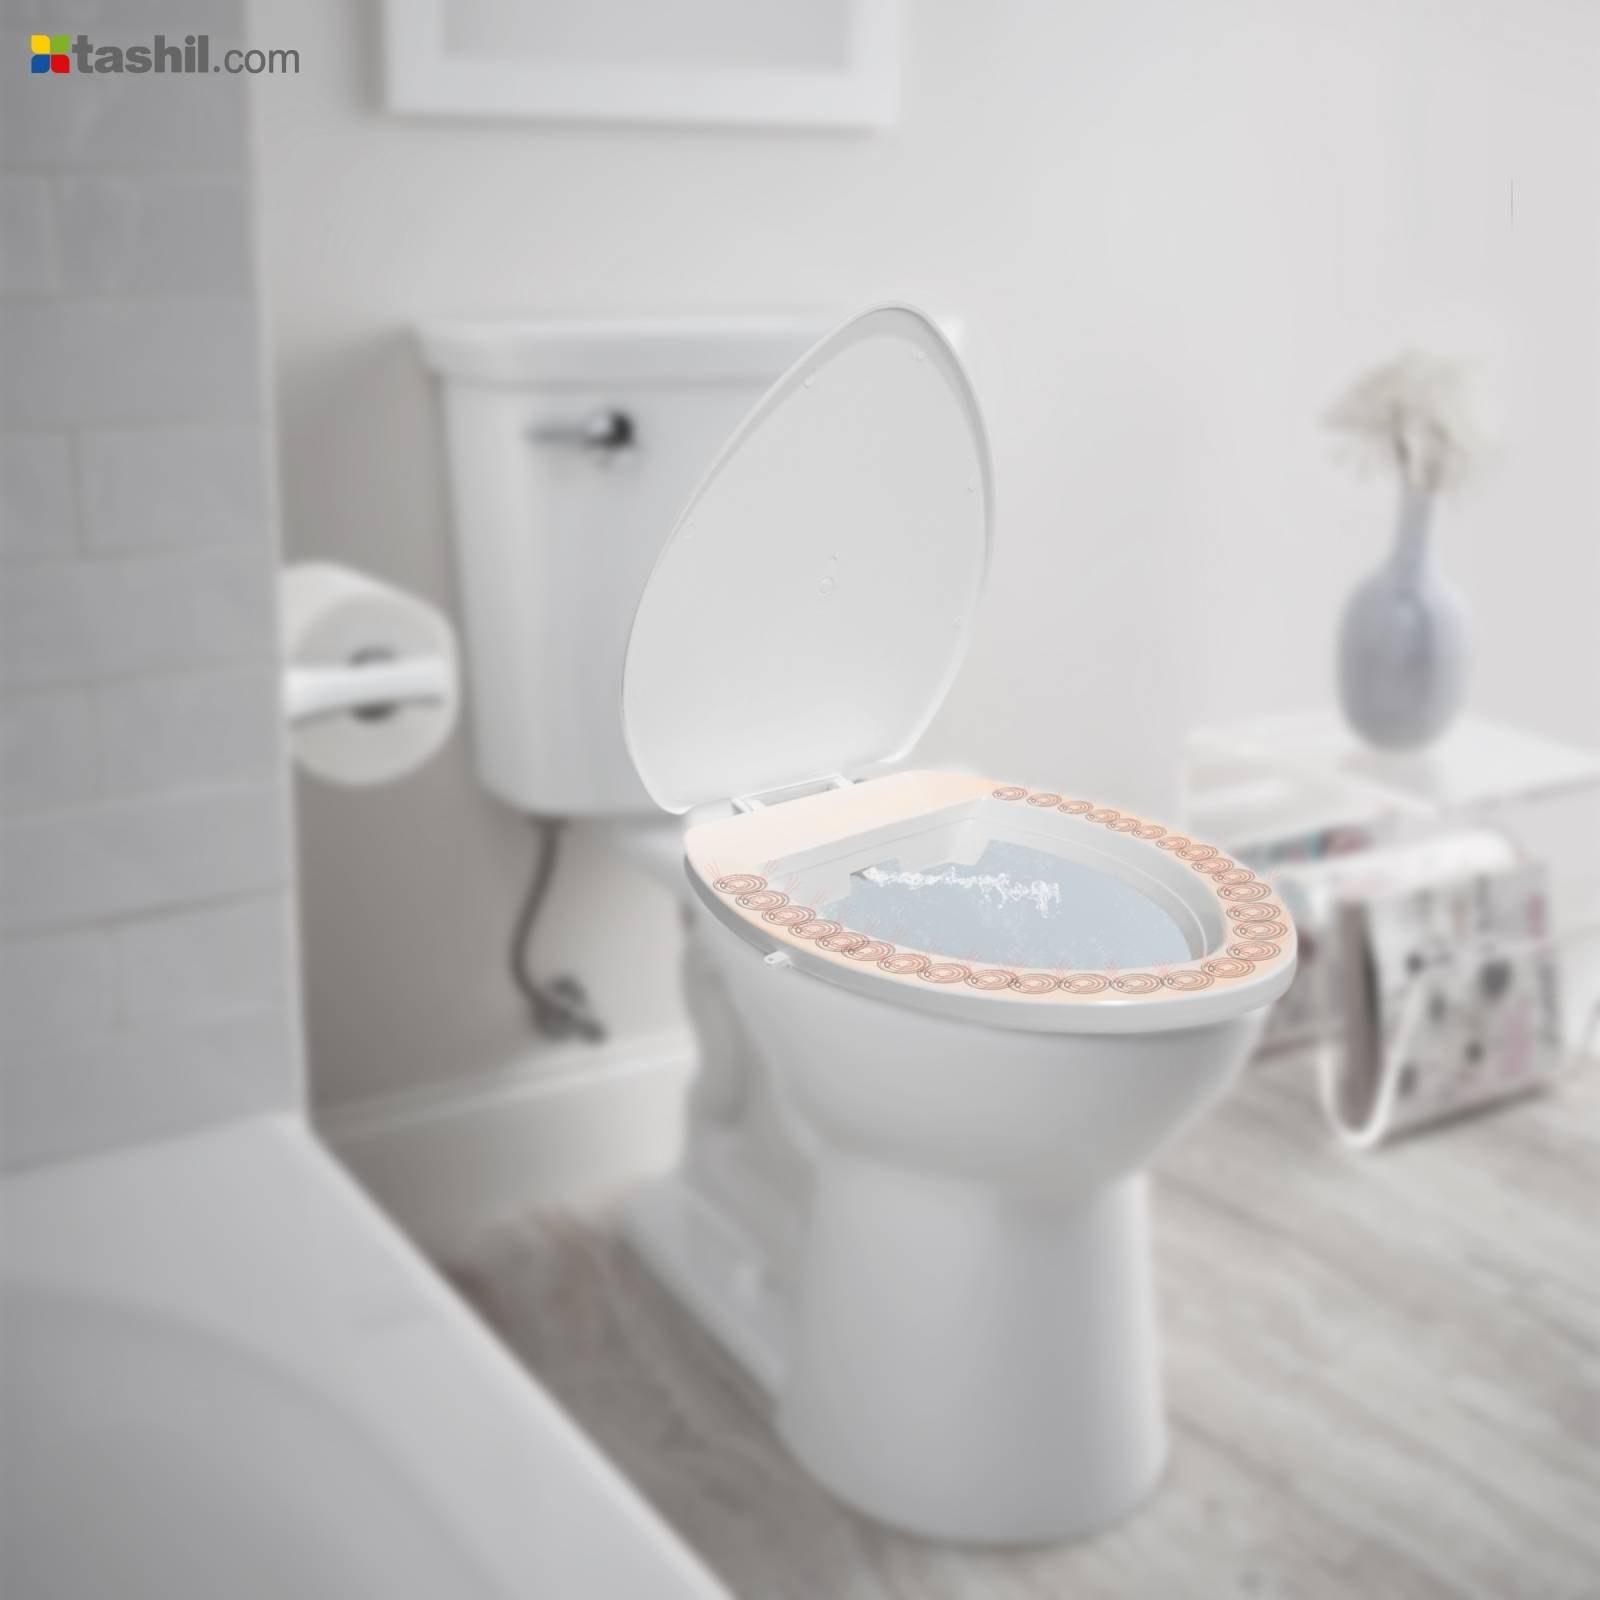 خود شوی توالت فرنگی بدون نیاز به دخالت دست |